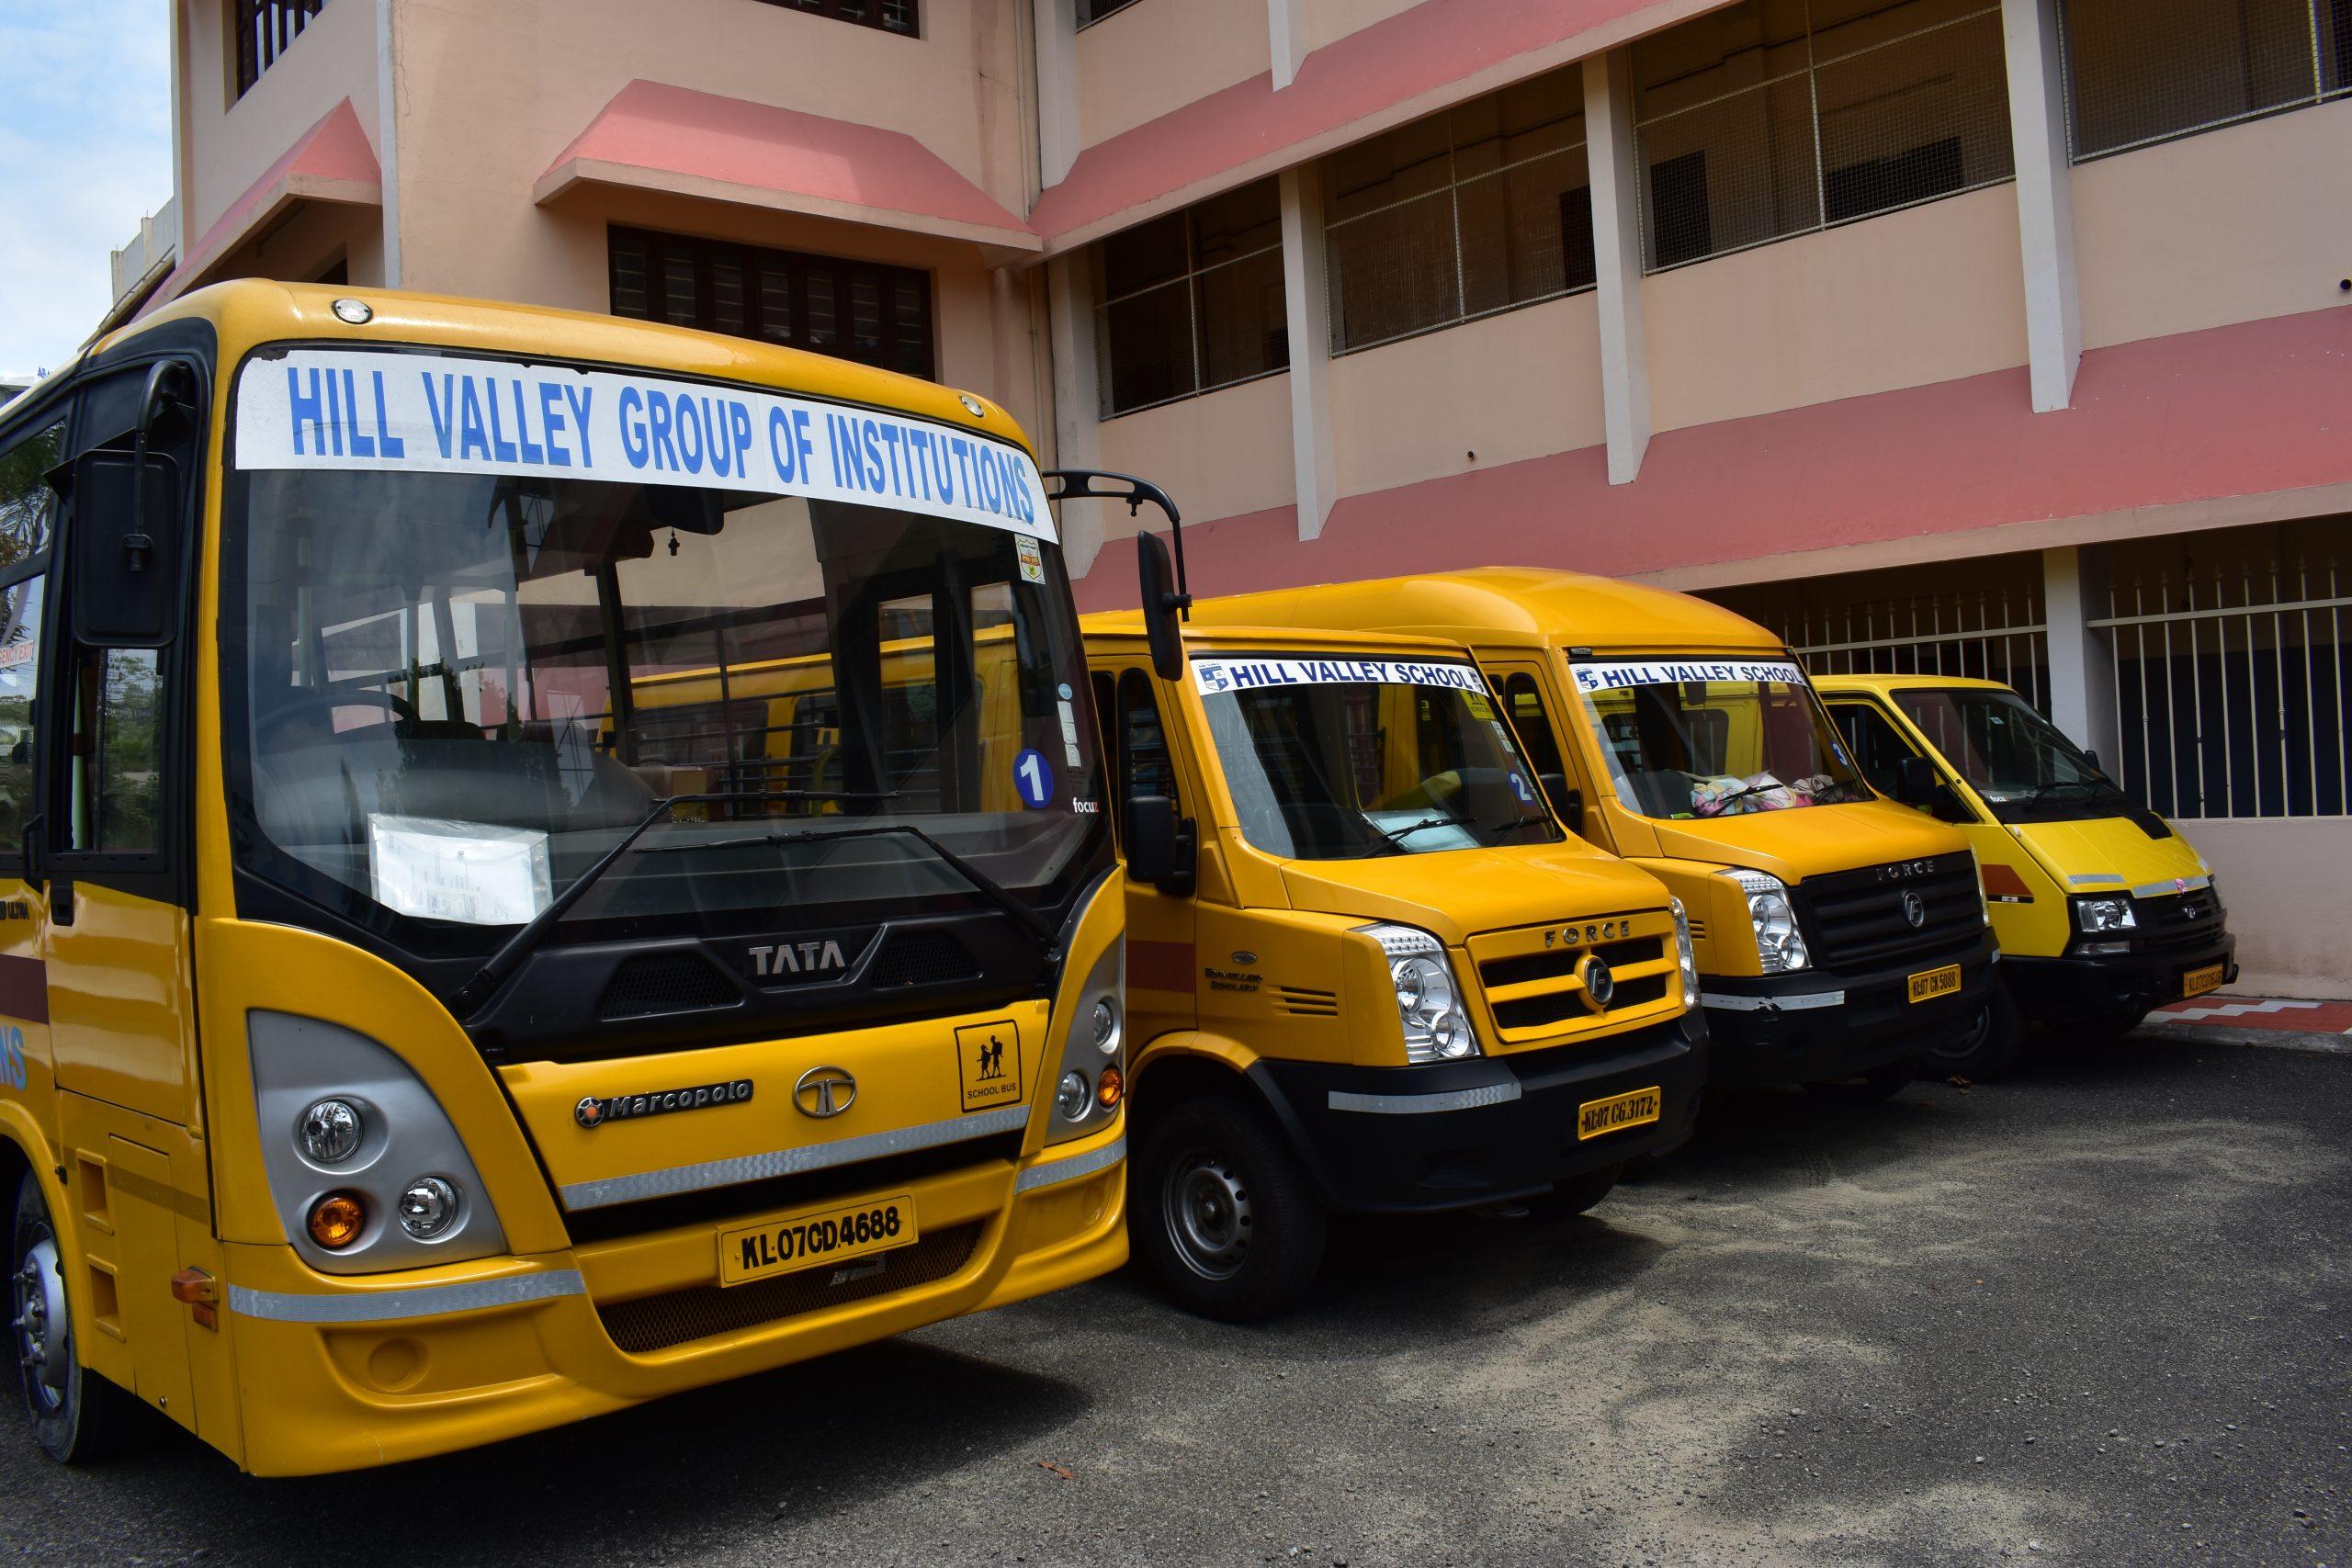 School Conveyance (School Bus/Van)